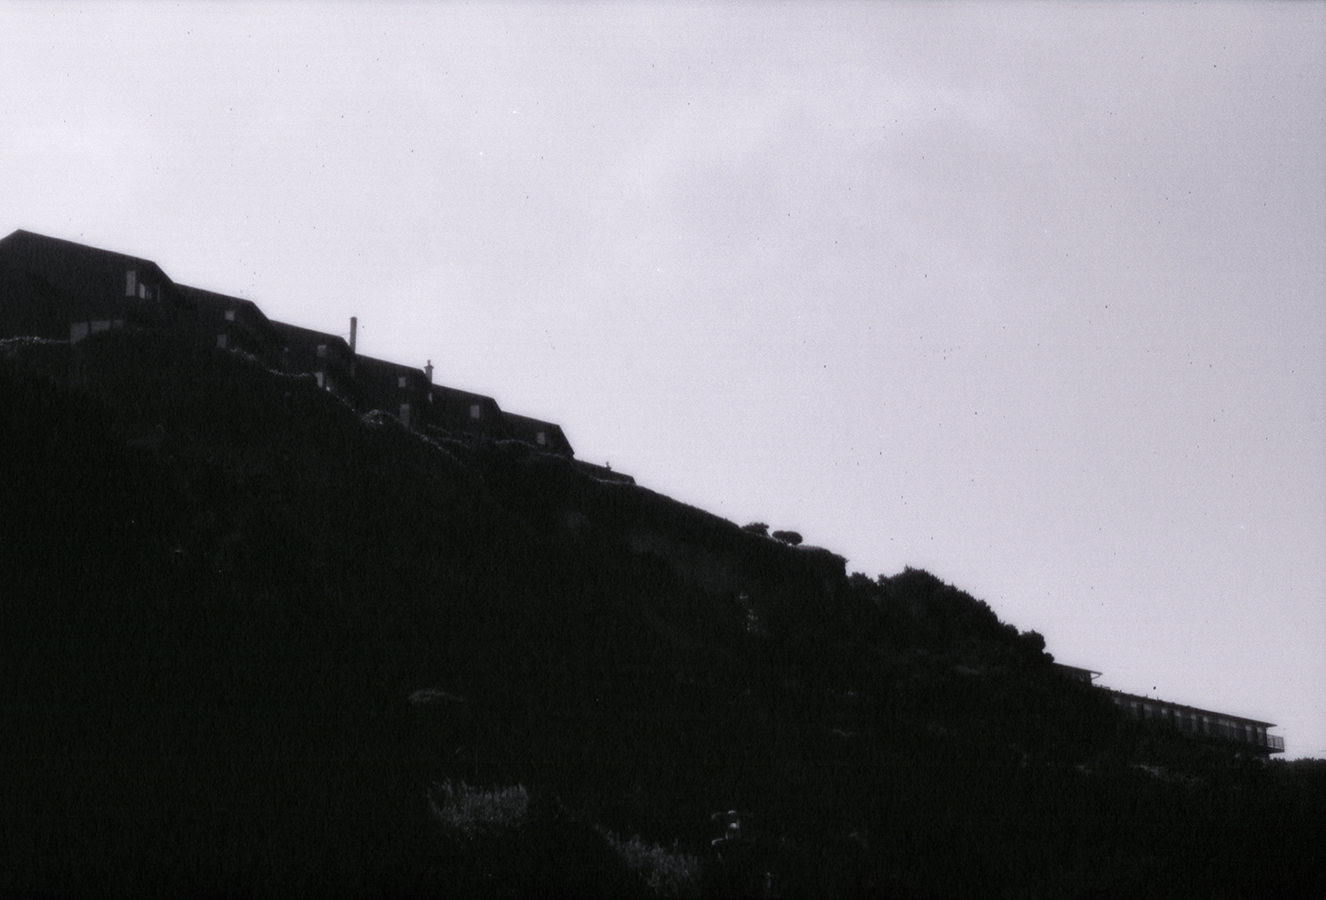 lc-cliff2_mattschu_insta.jpg